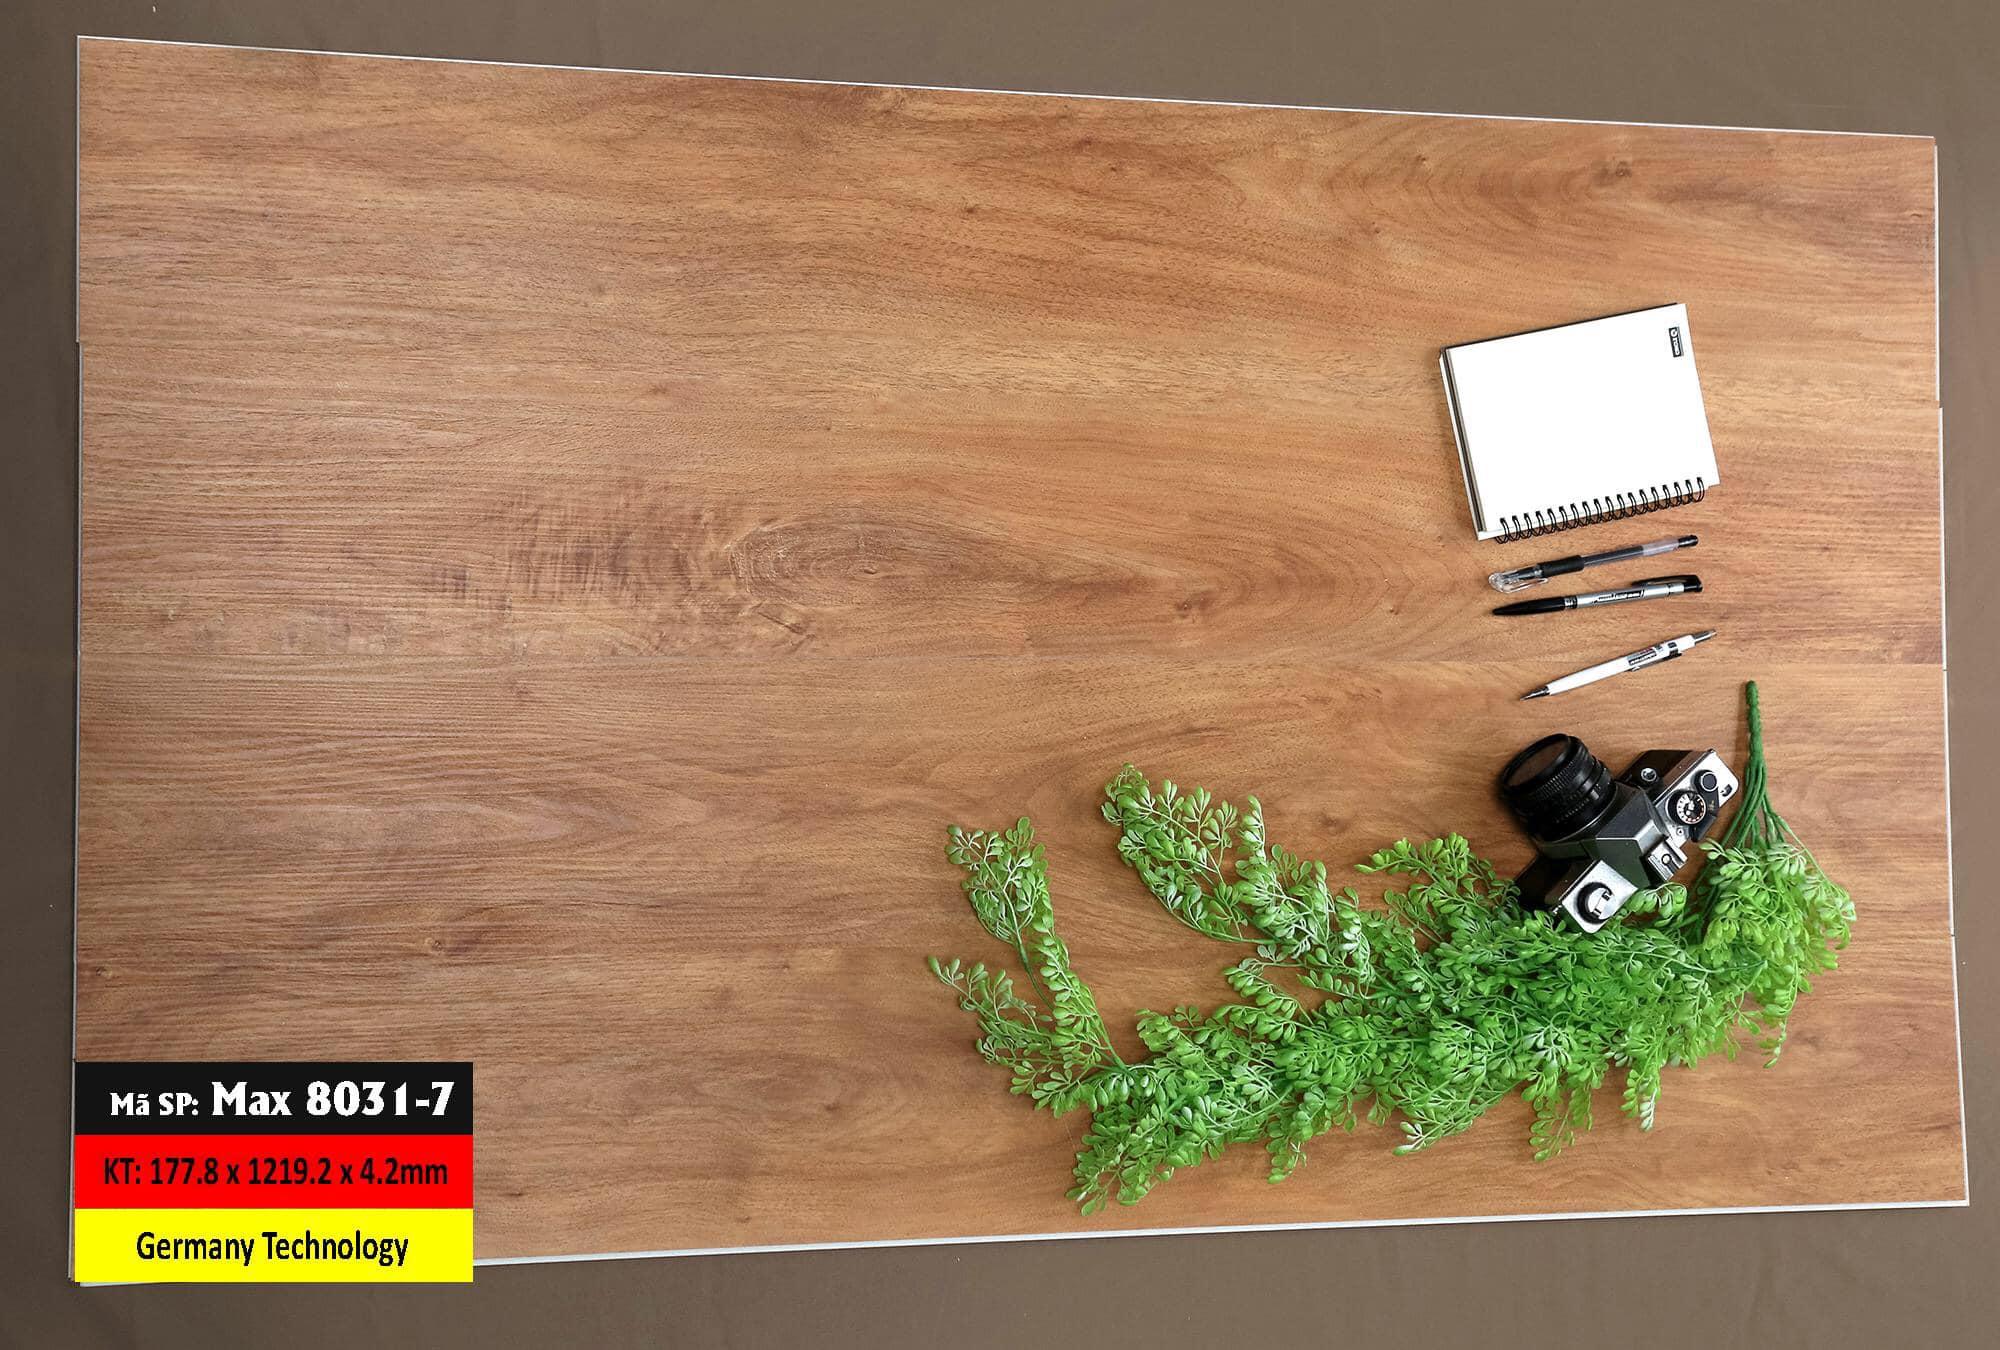 Sàn Nhựa Hèm Khóa Mã 8031-7 Germany